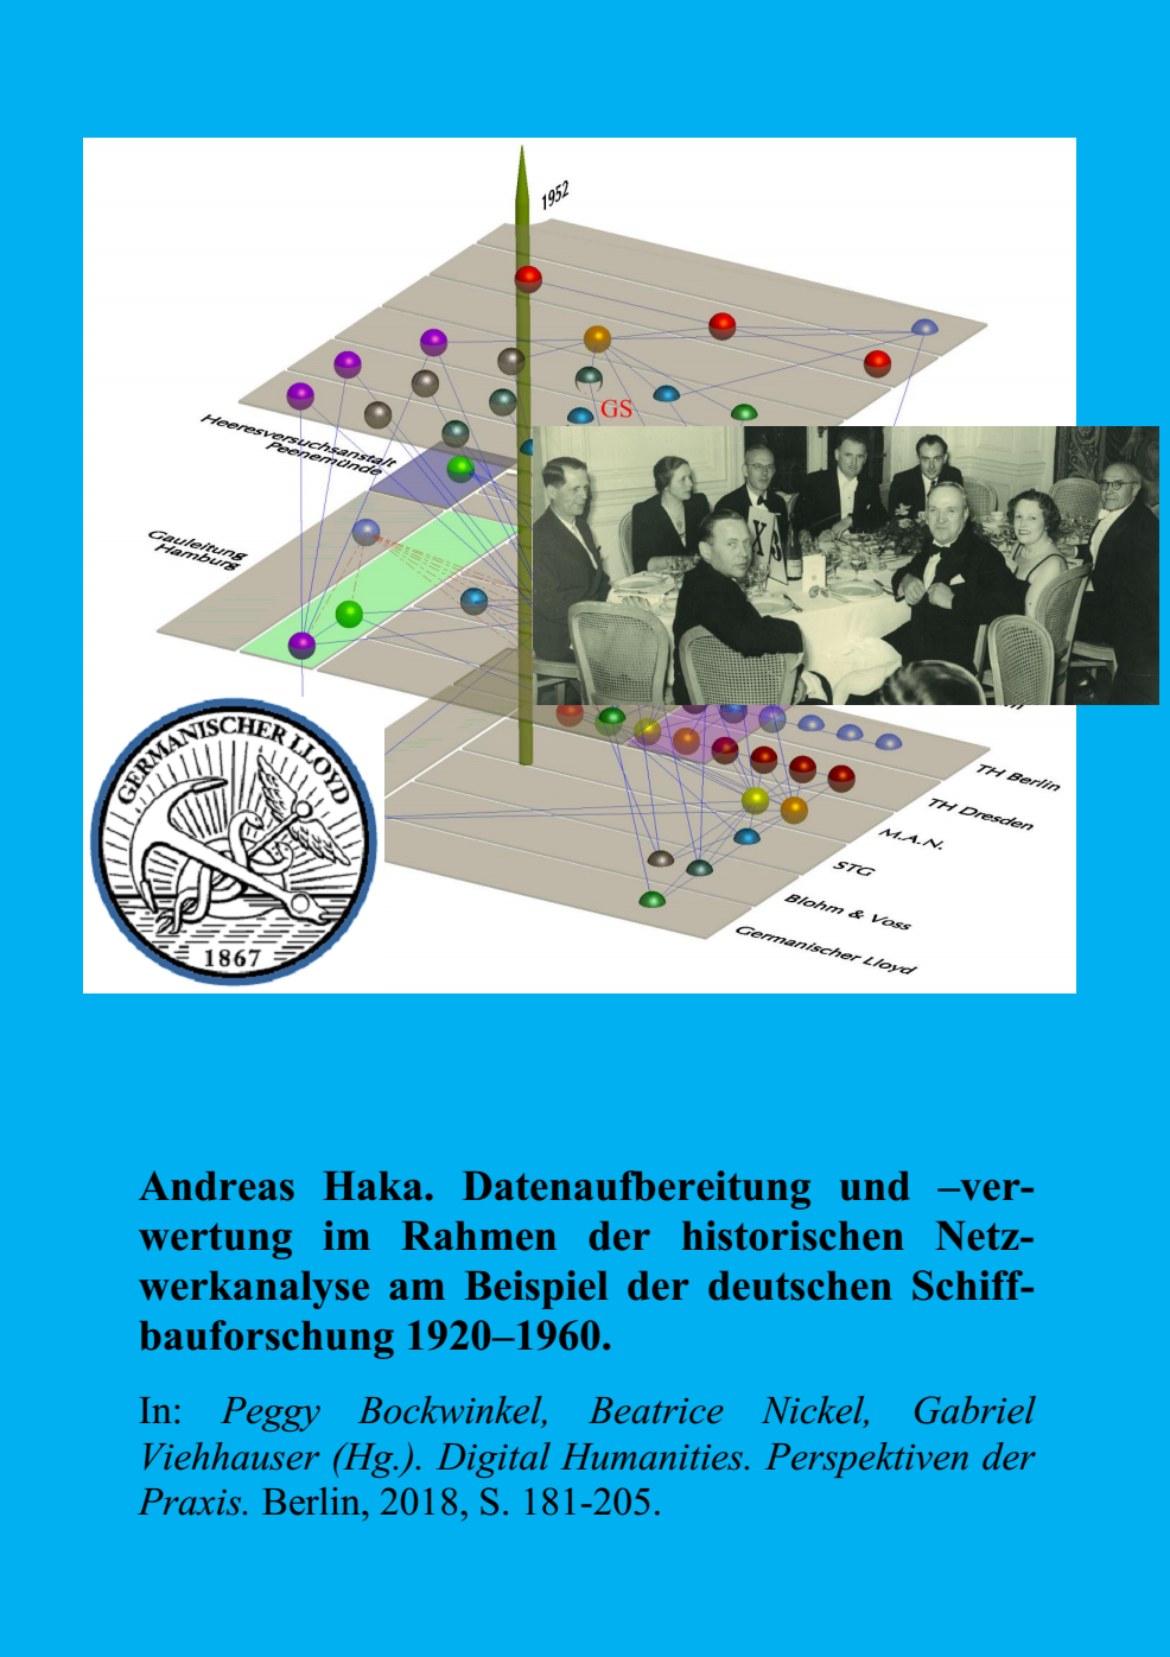 Datenaufbereitung und –verwertung im Rahmen der historischen Netzwerkanalyse am Beispiel der deutschen Schiffbauforschung 1920–1960.